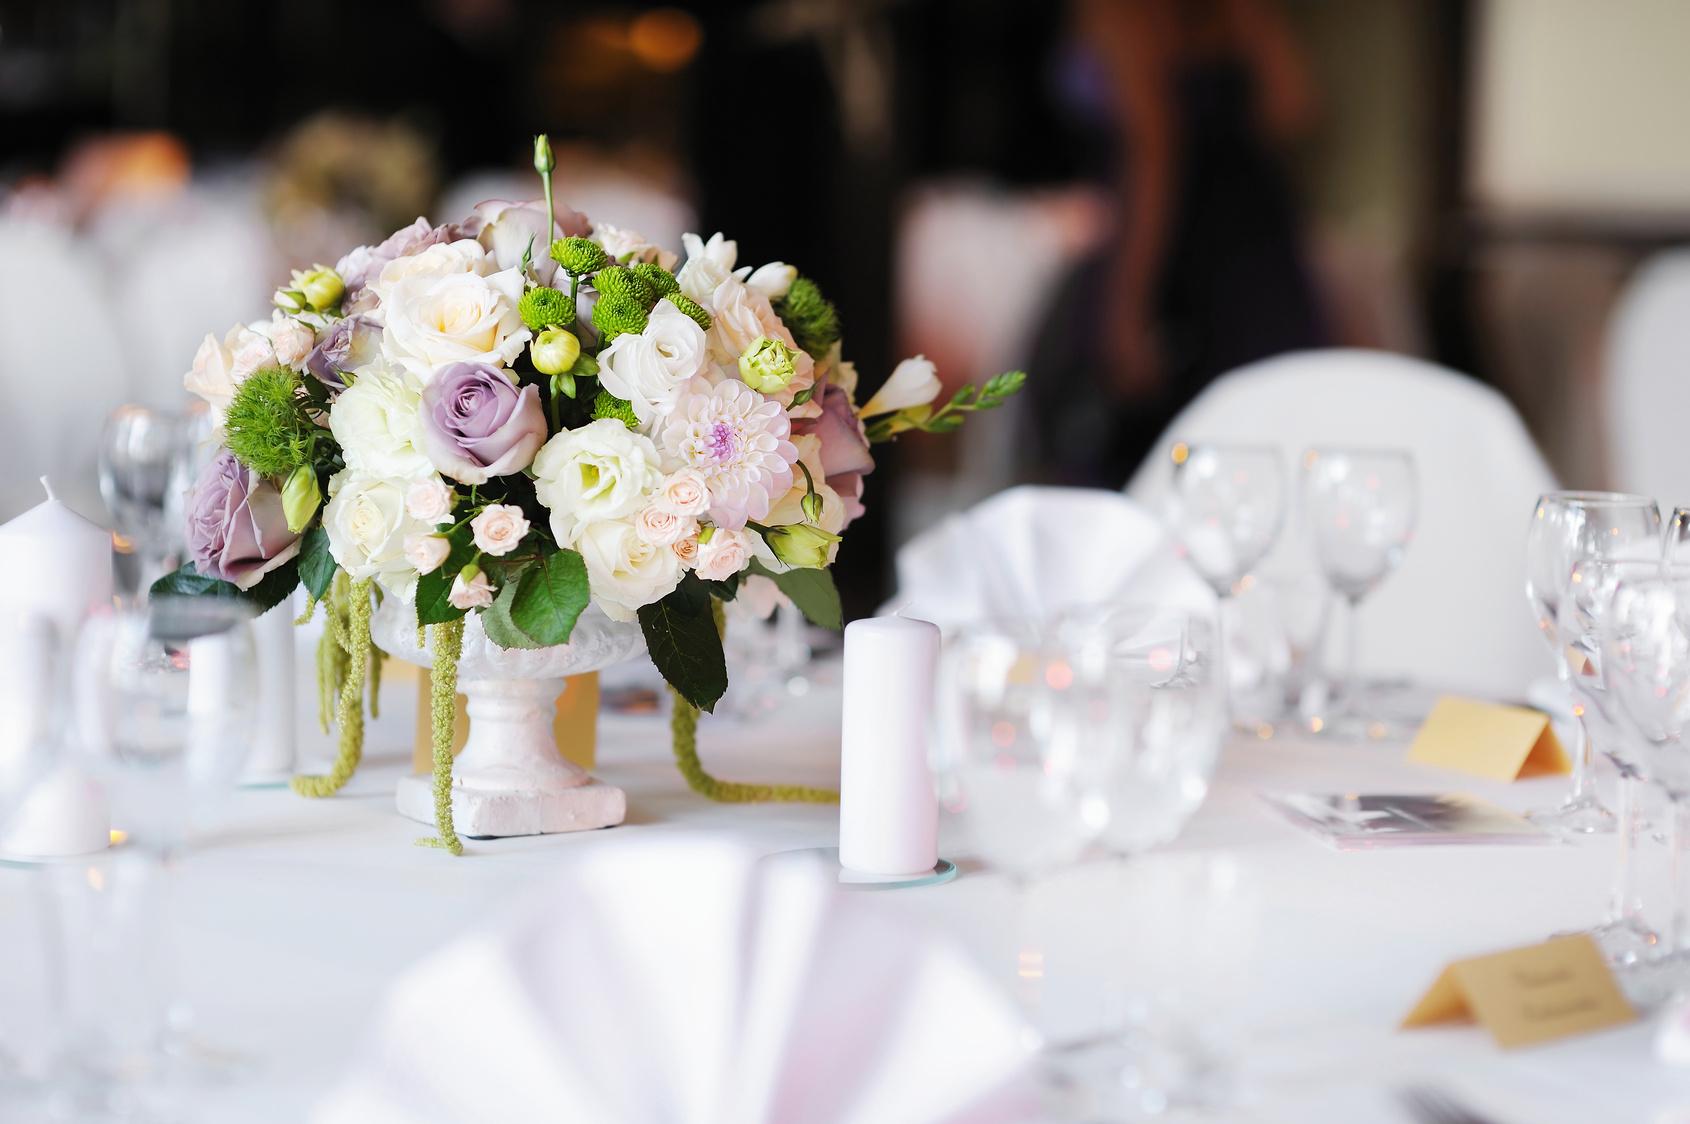 Kukyflor 5 arreglos florales para decorar una boda